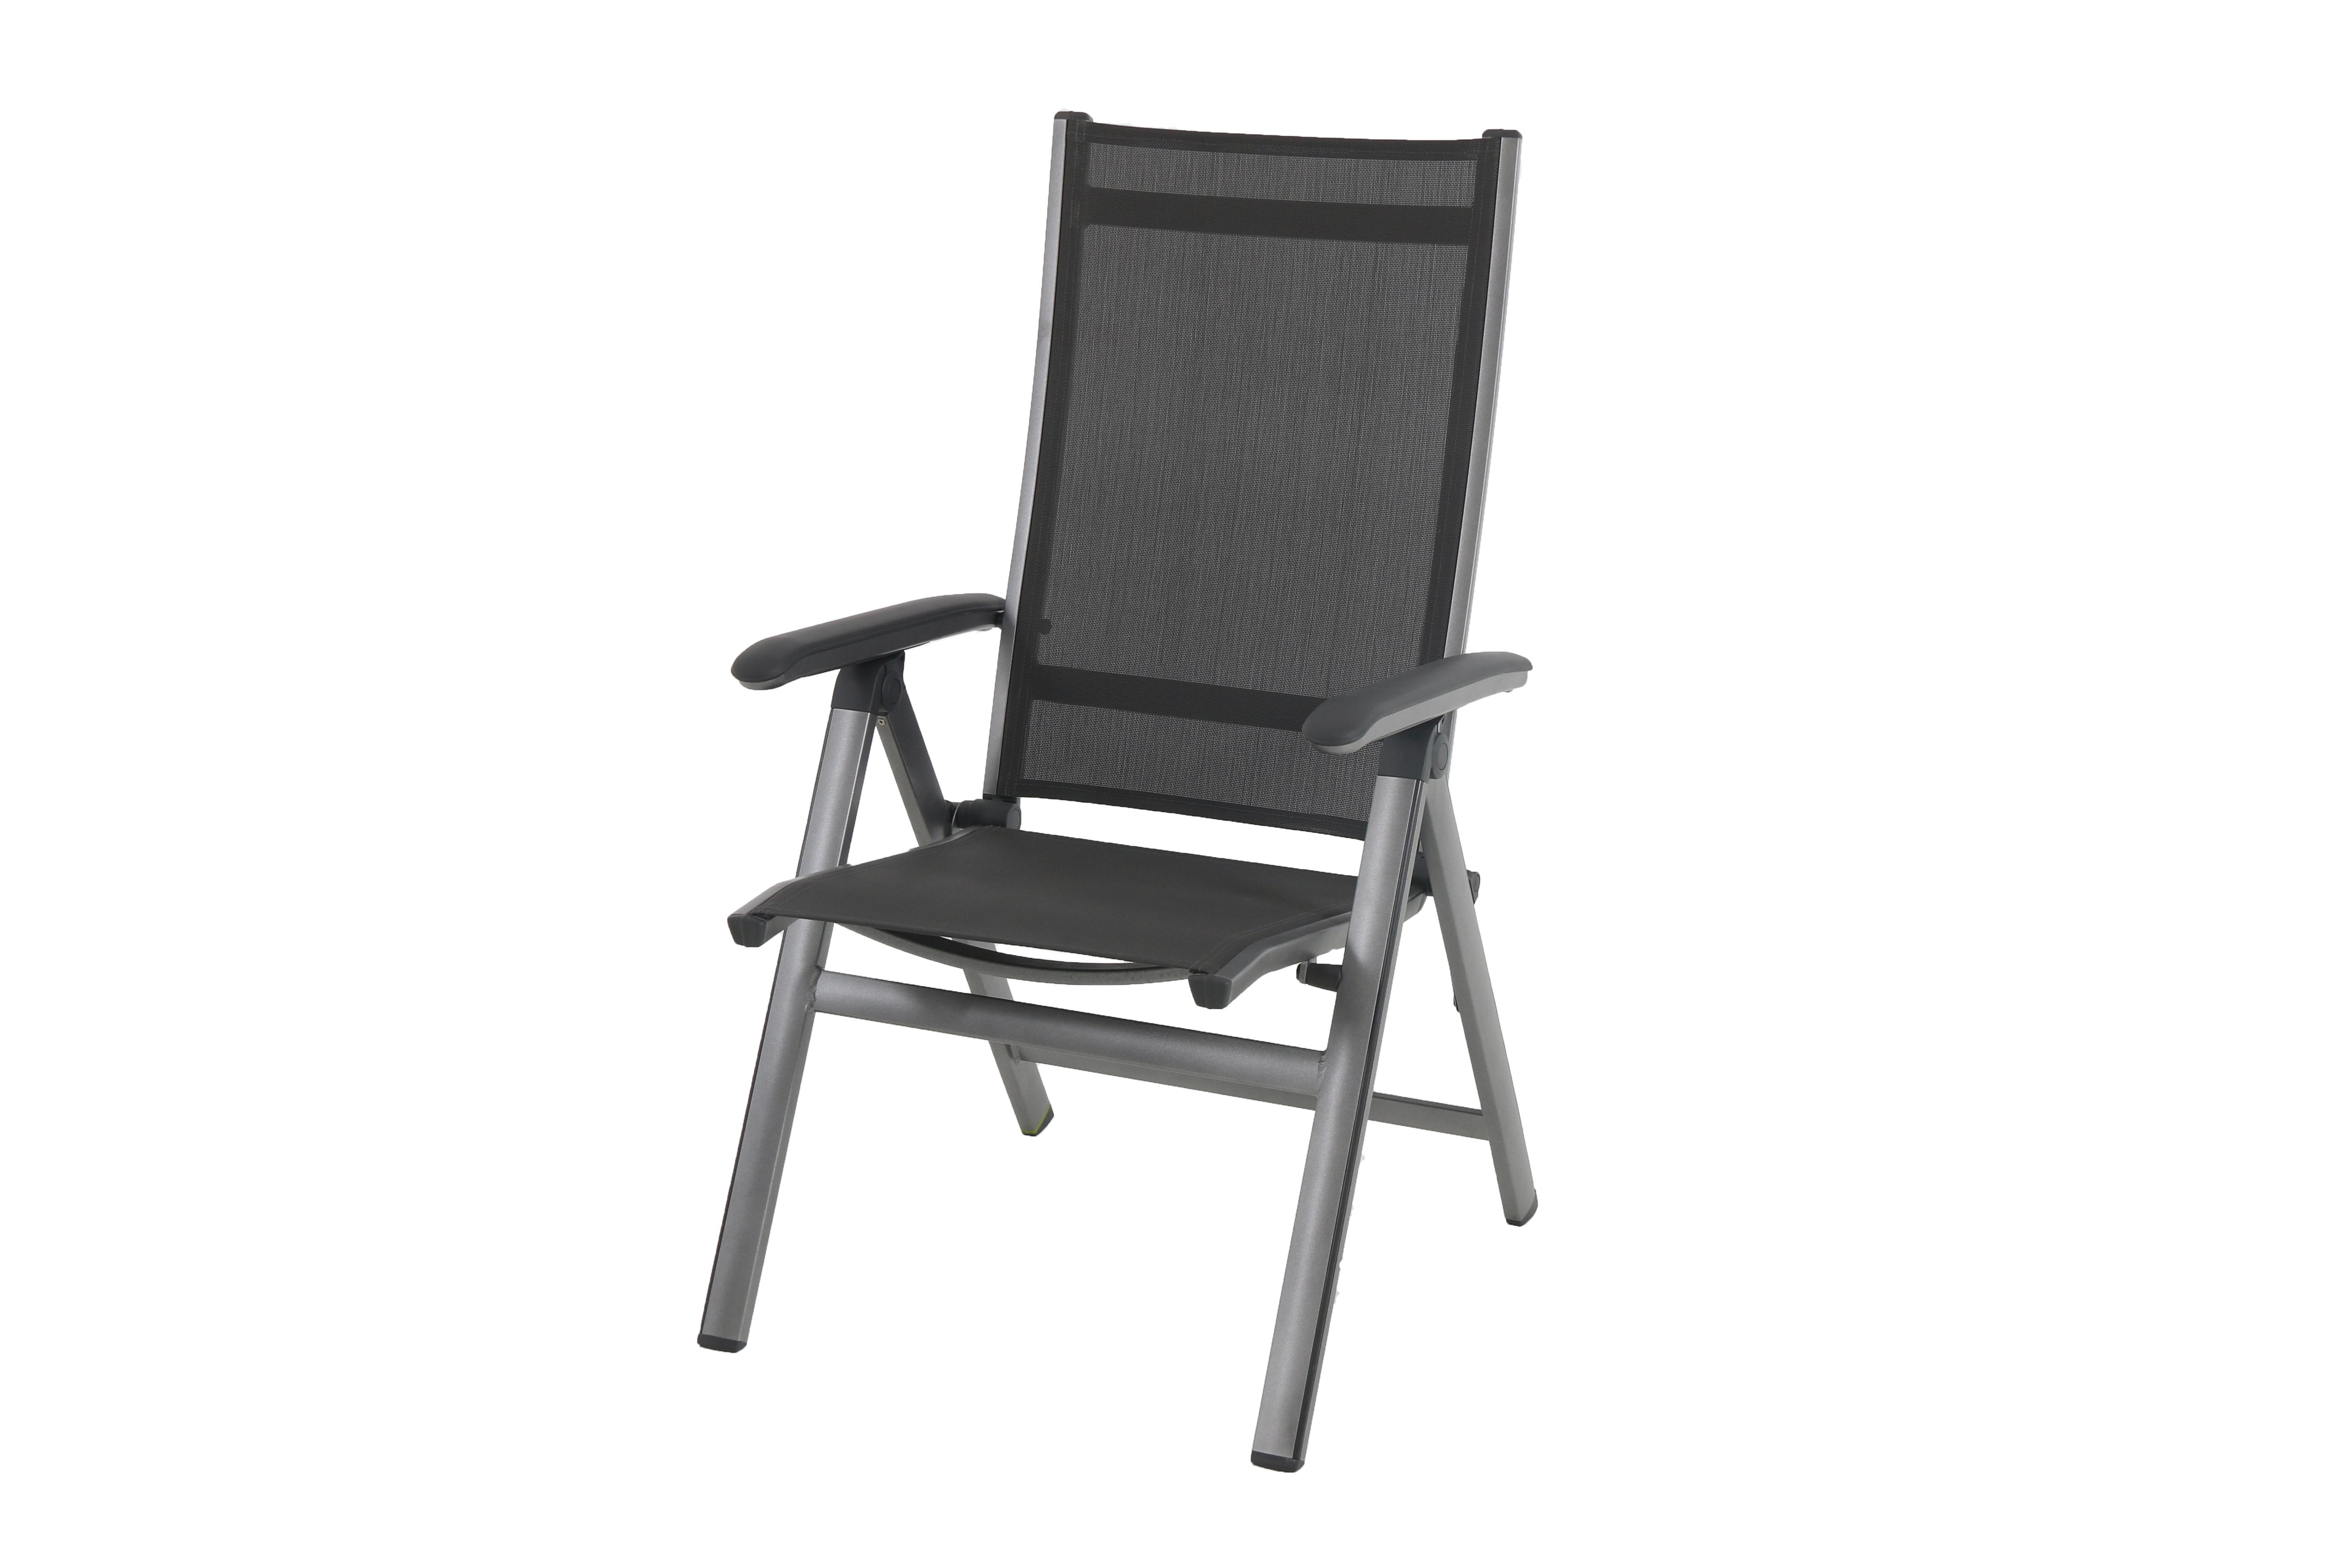 hopchwertige klappsessel kettler sieger uvm. Black Bedroom Furniture Sets. Home Design Ideas